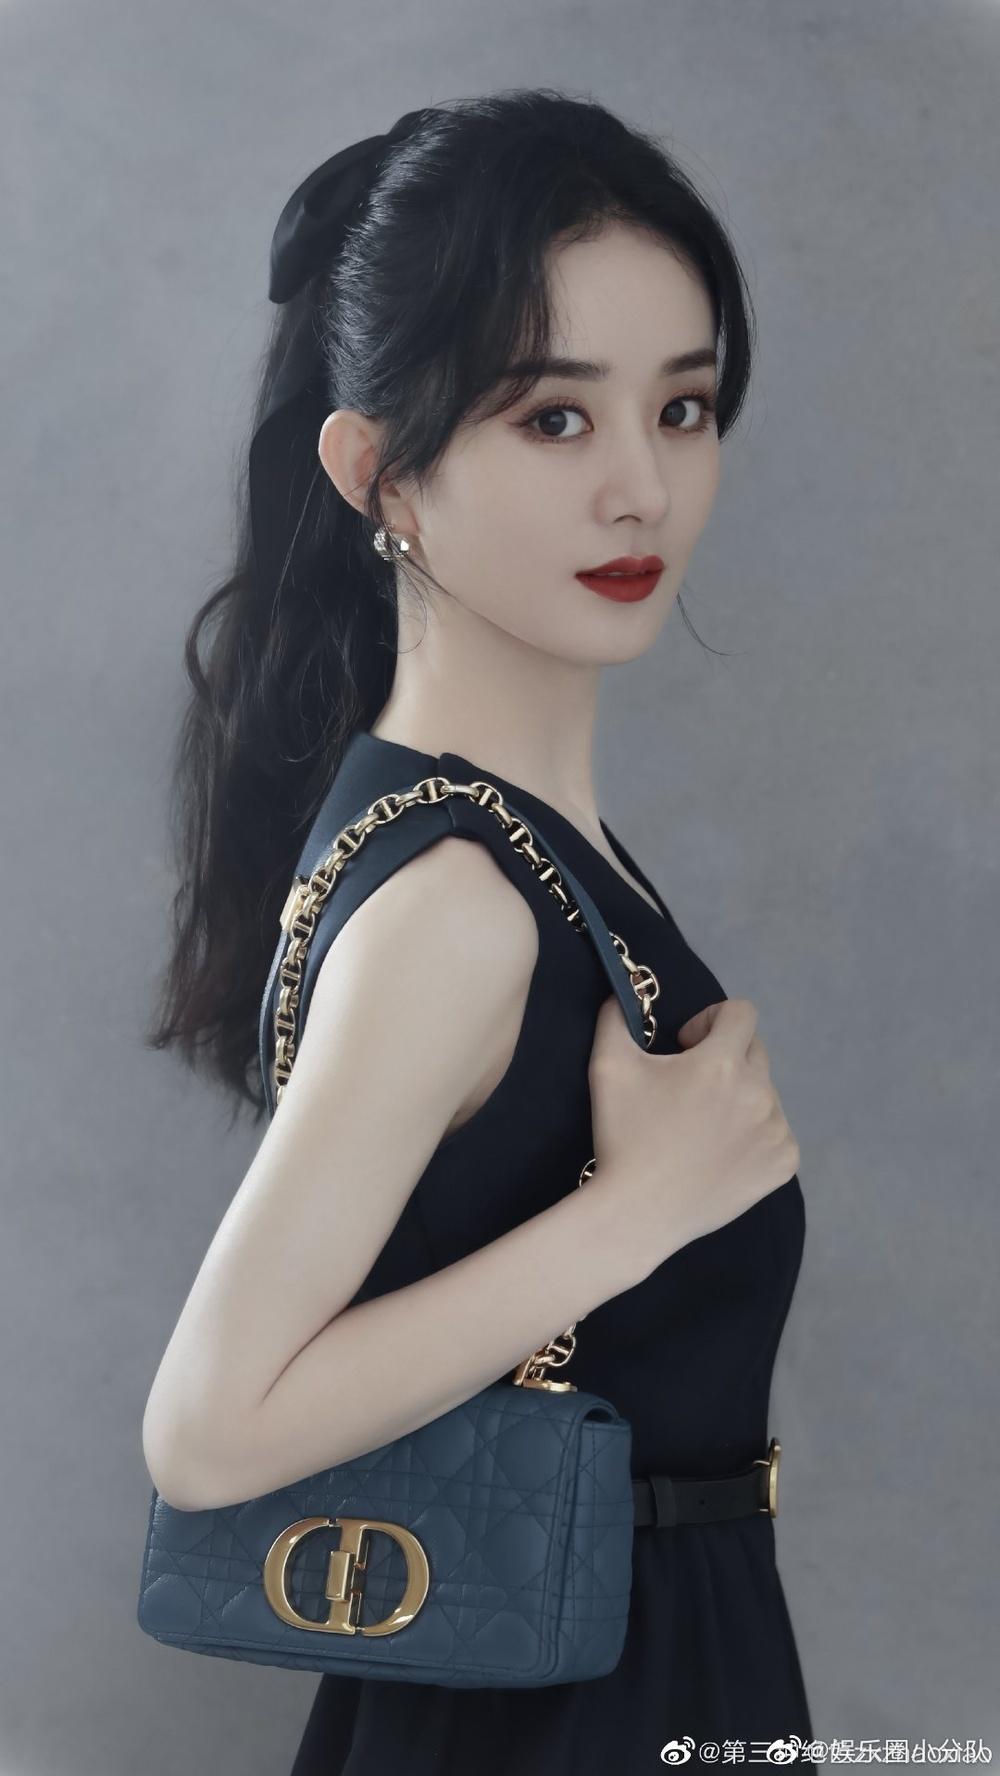 8 mỹ nhân Hoa ngữ hóa đọ sắc cực dễ thương với kiểu tóc búi, mỗi người một vẻ mười phân vẹn mười 3